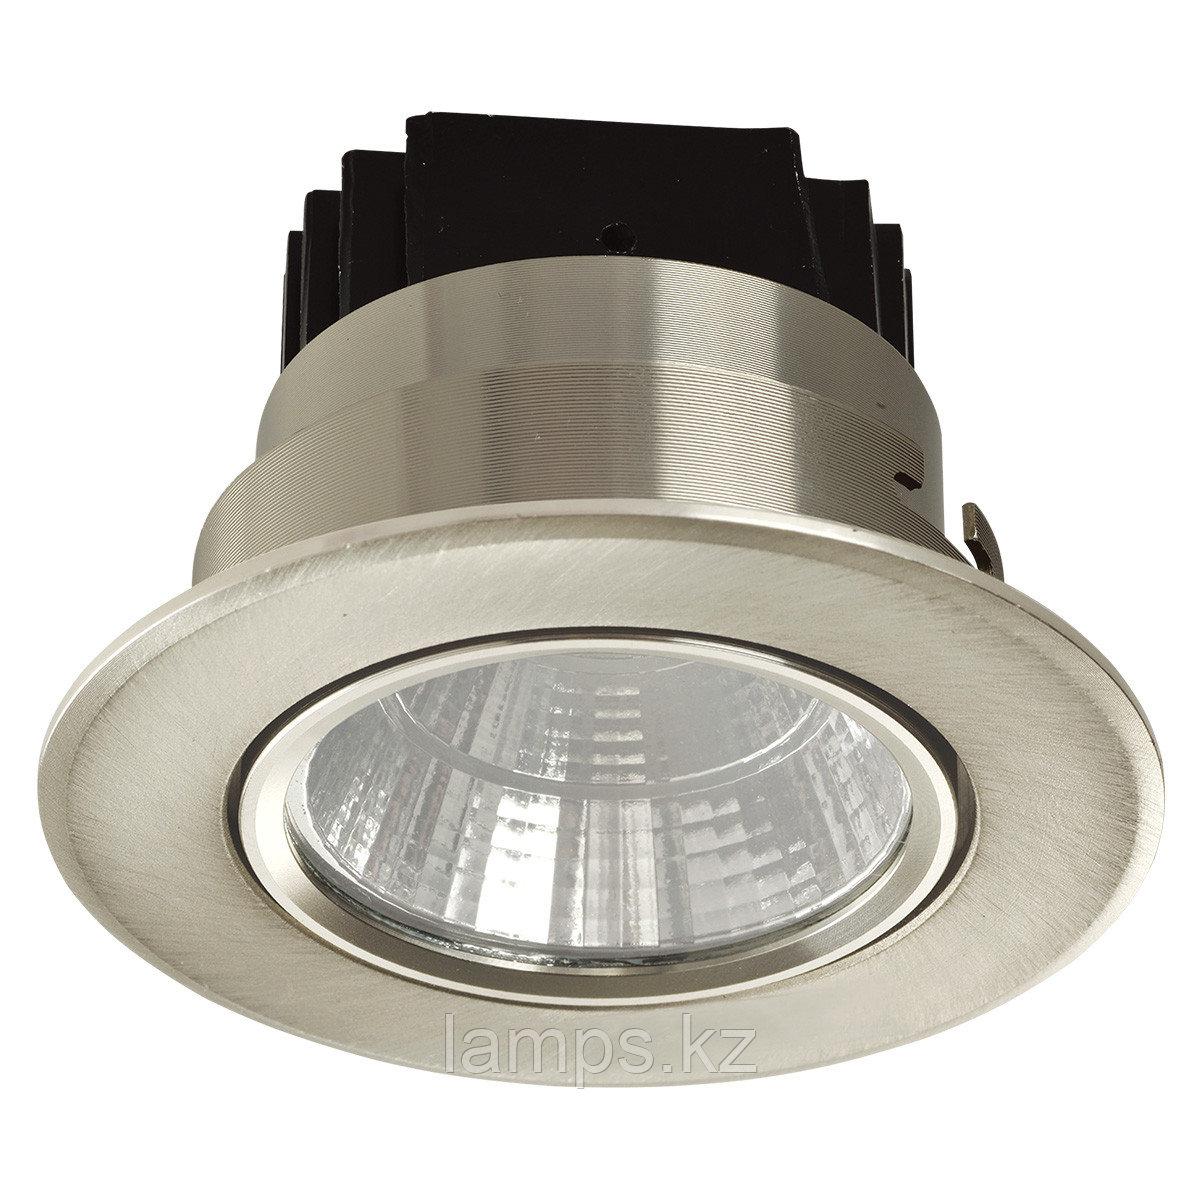 Спот встраиваемый светодиодный LED COB 02 5W CHROME